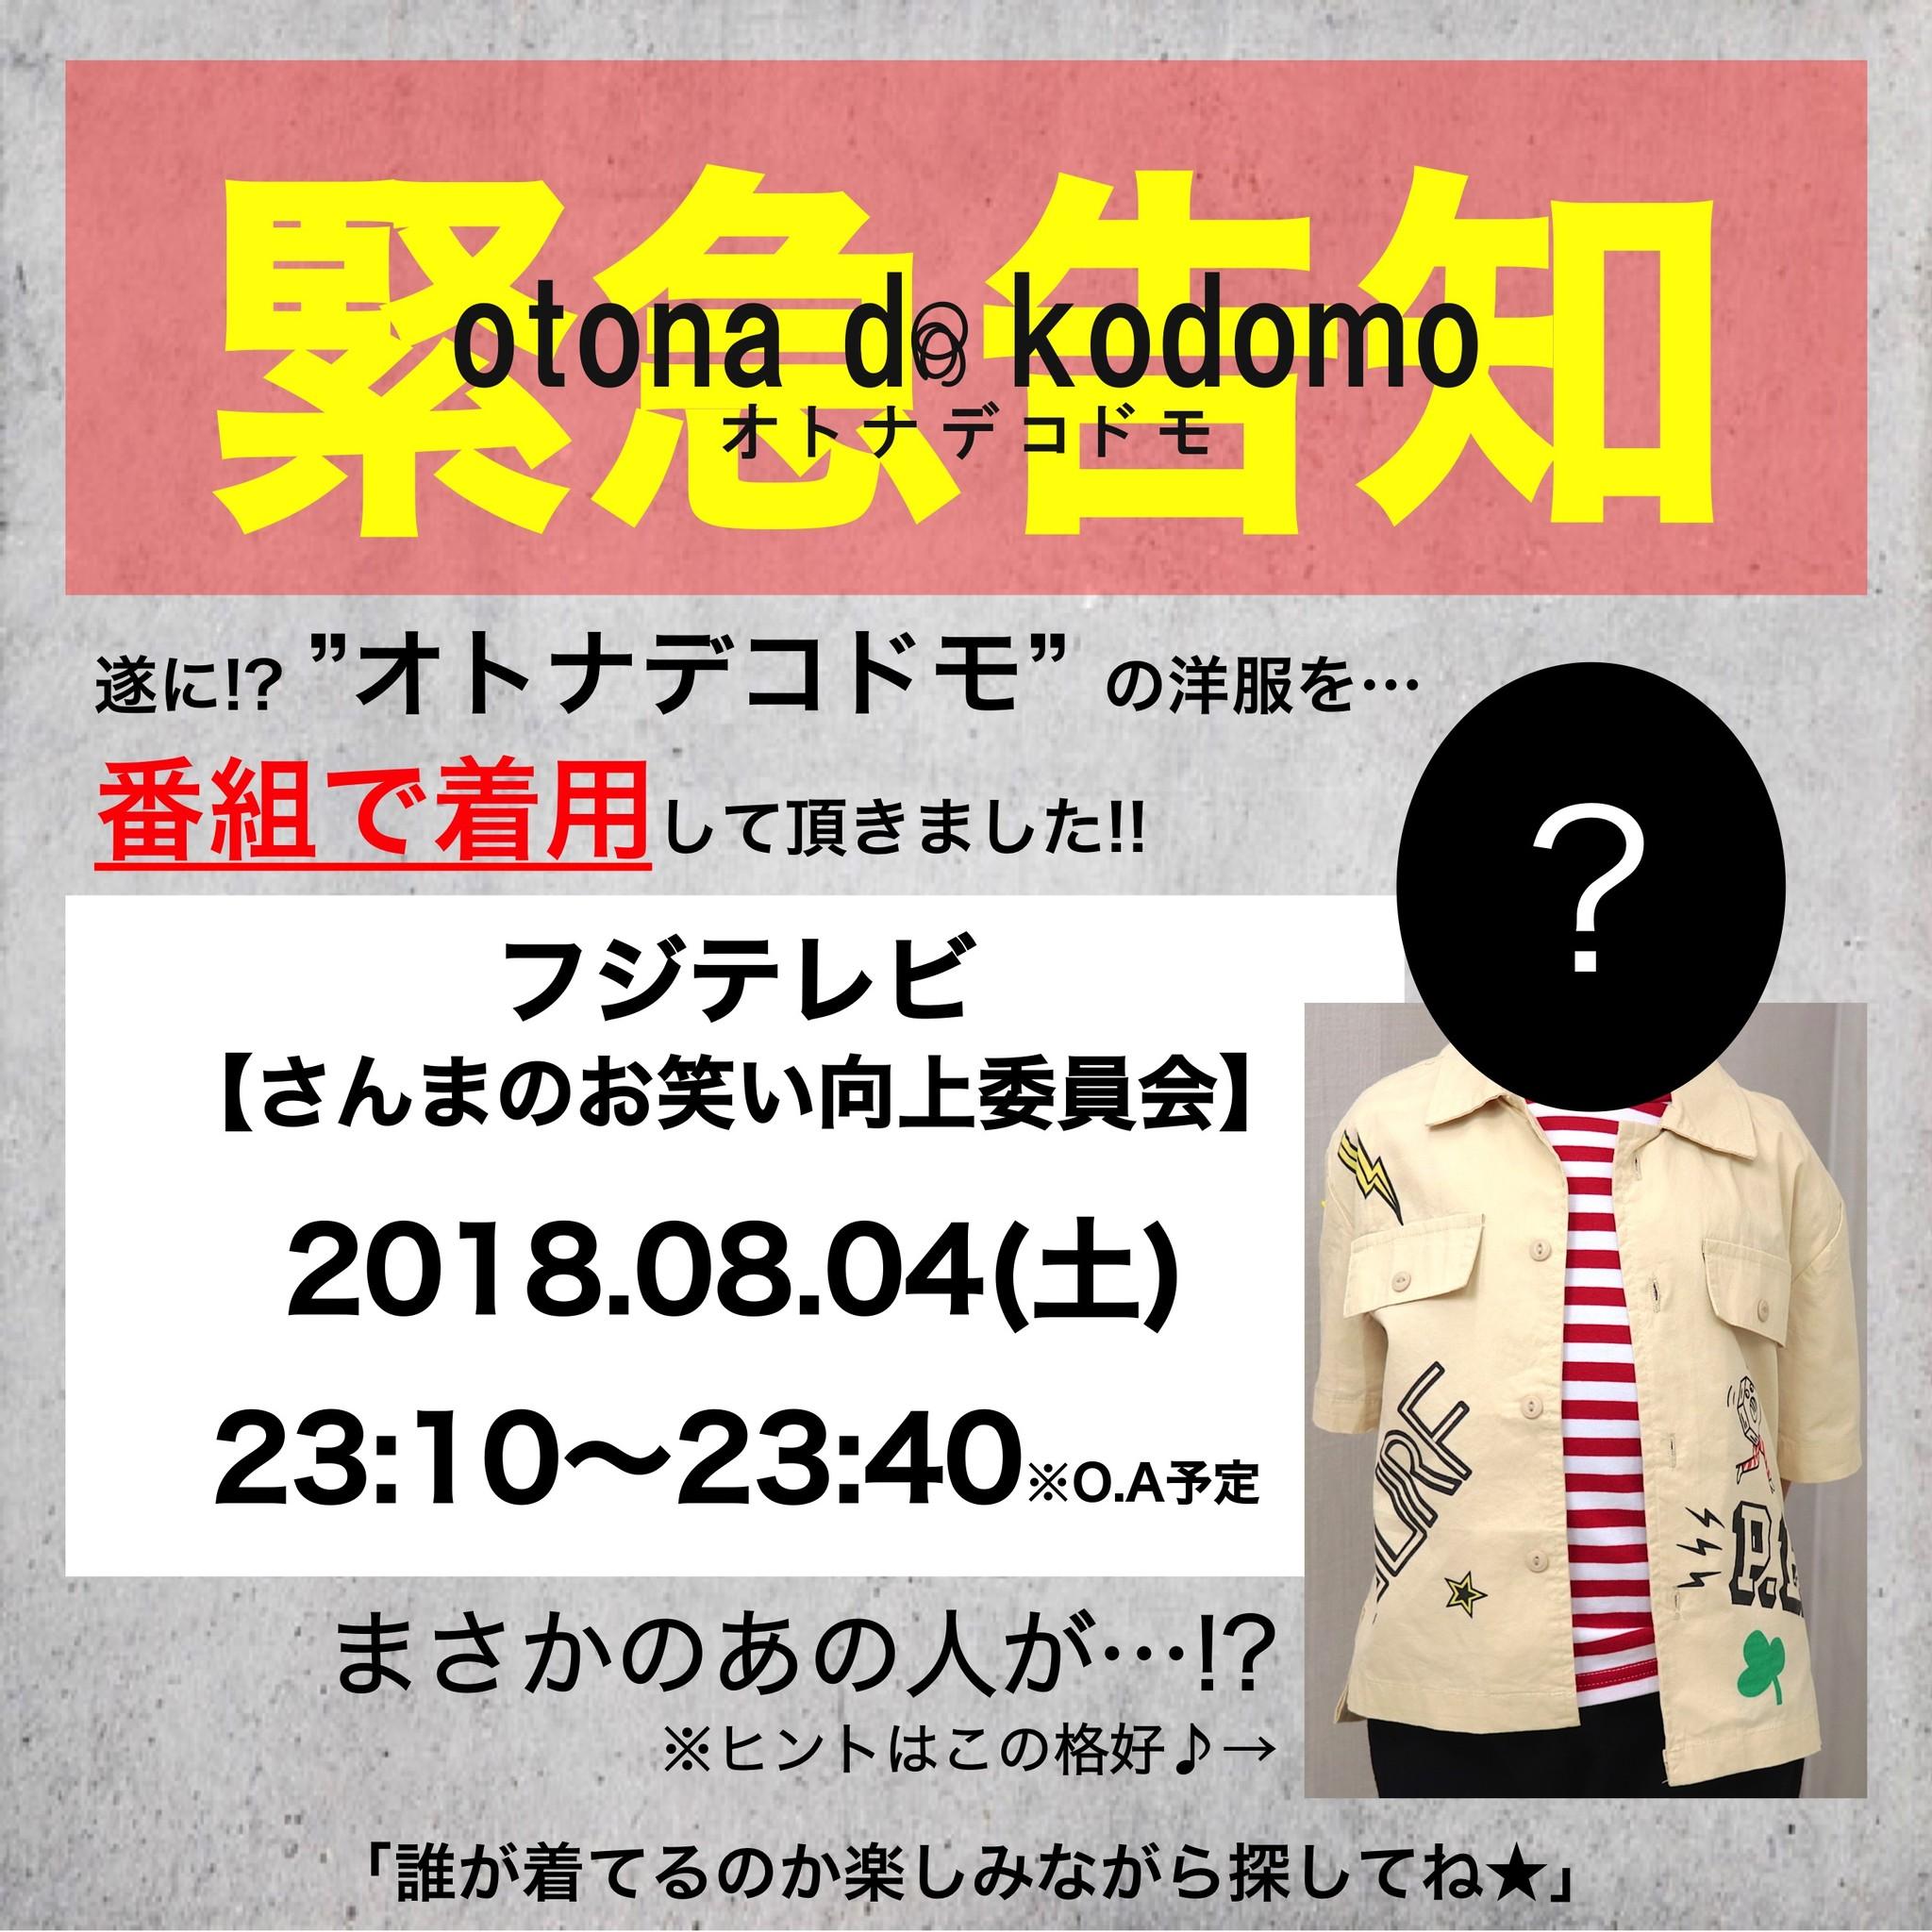 """""""オトナデコドモ""""緊急告知!!"""